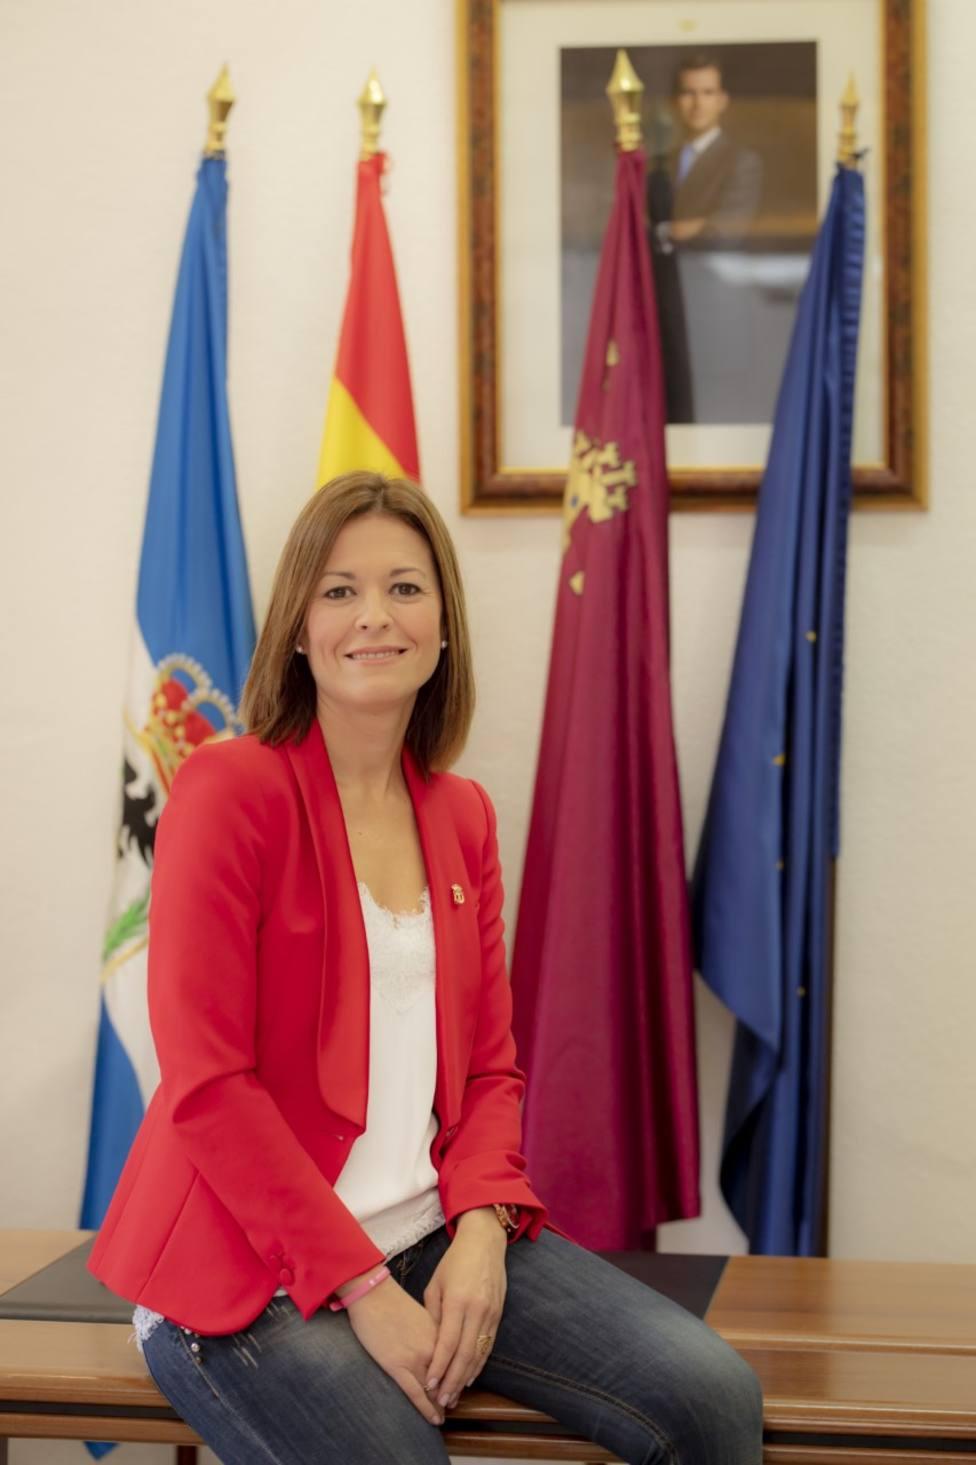 La alcaldesa de Águilas se posiciona como líder en transparencia regional ocupando el primer puesto